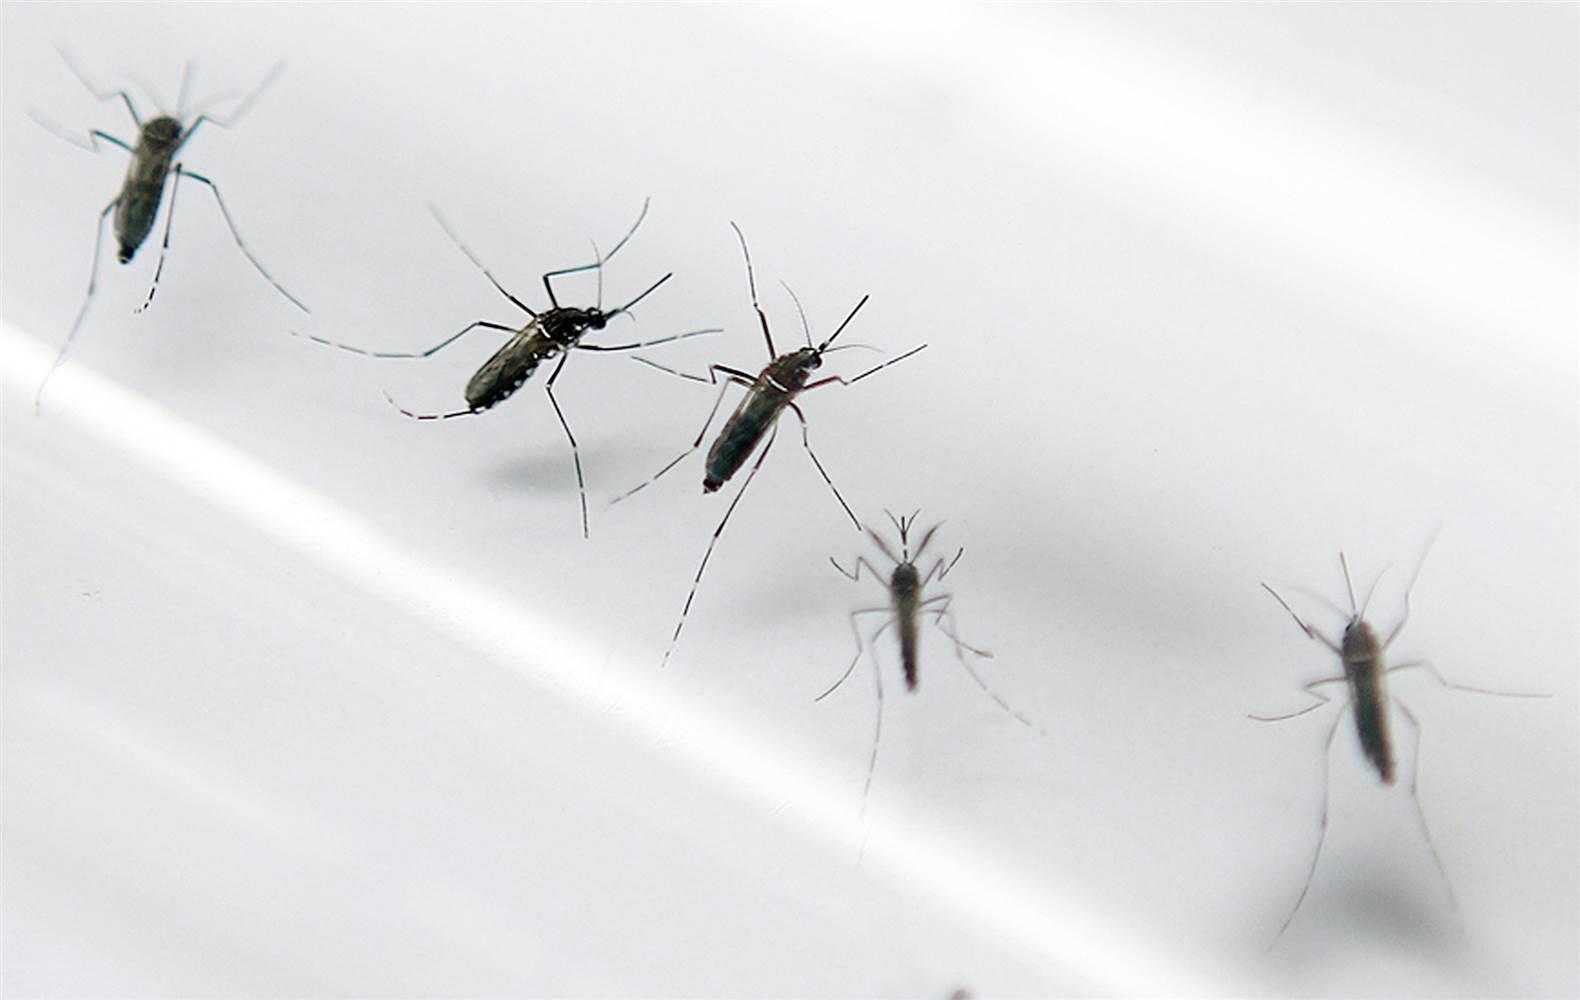 Presentan tanque asesina mosquitos